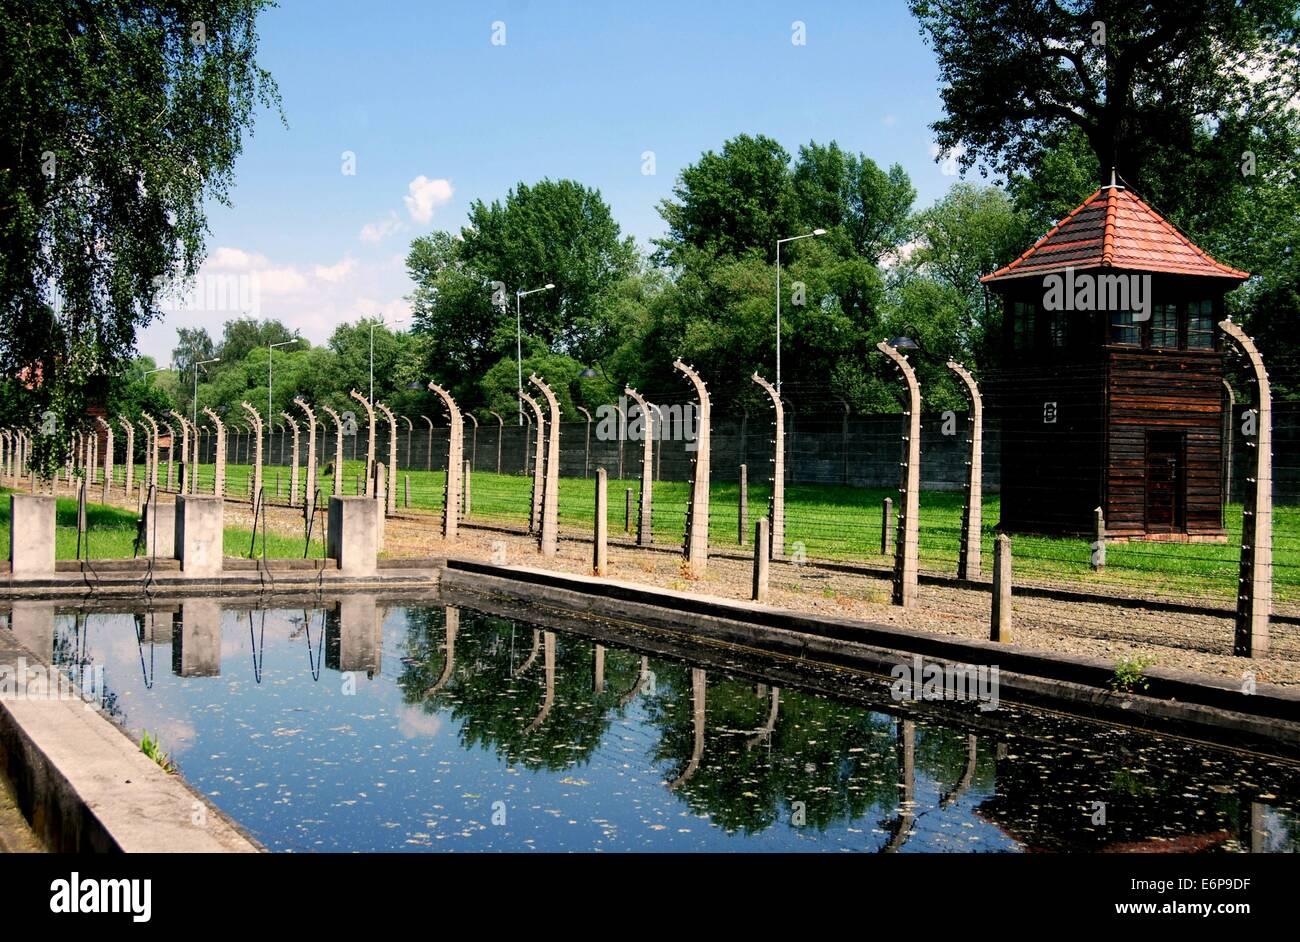 auschwitz-pologne-piscine-nazis-construit-pour-montrer-aux-observateurs-de-la-croix-rouge-que-les-prisonniers-a-auschwitz-avait-une-bonne-vie-e6p9df.jpg